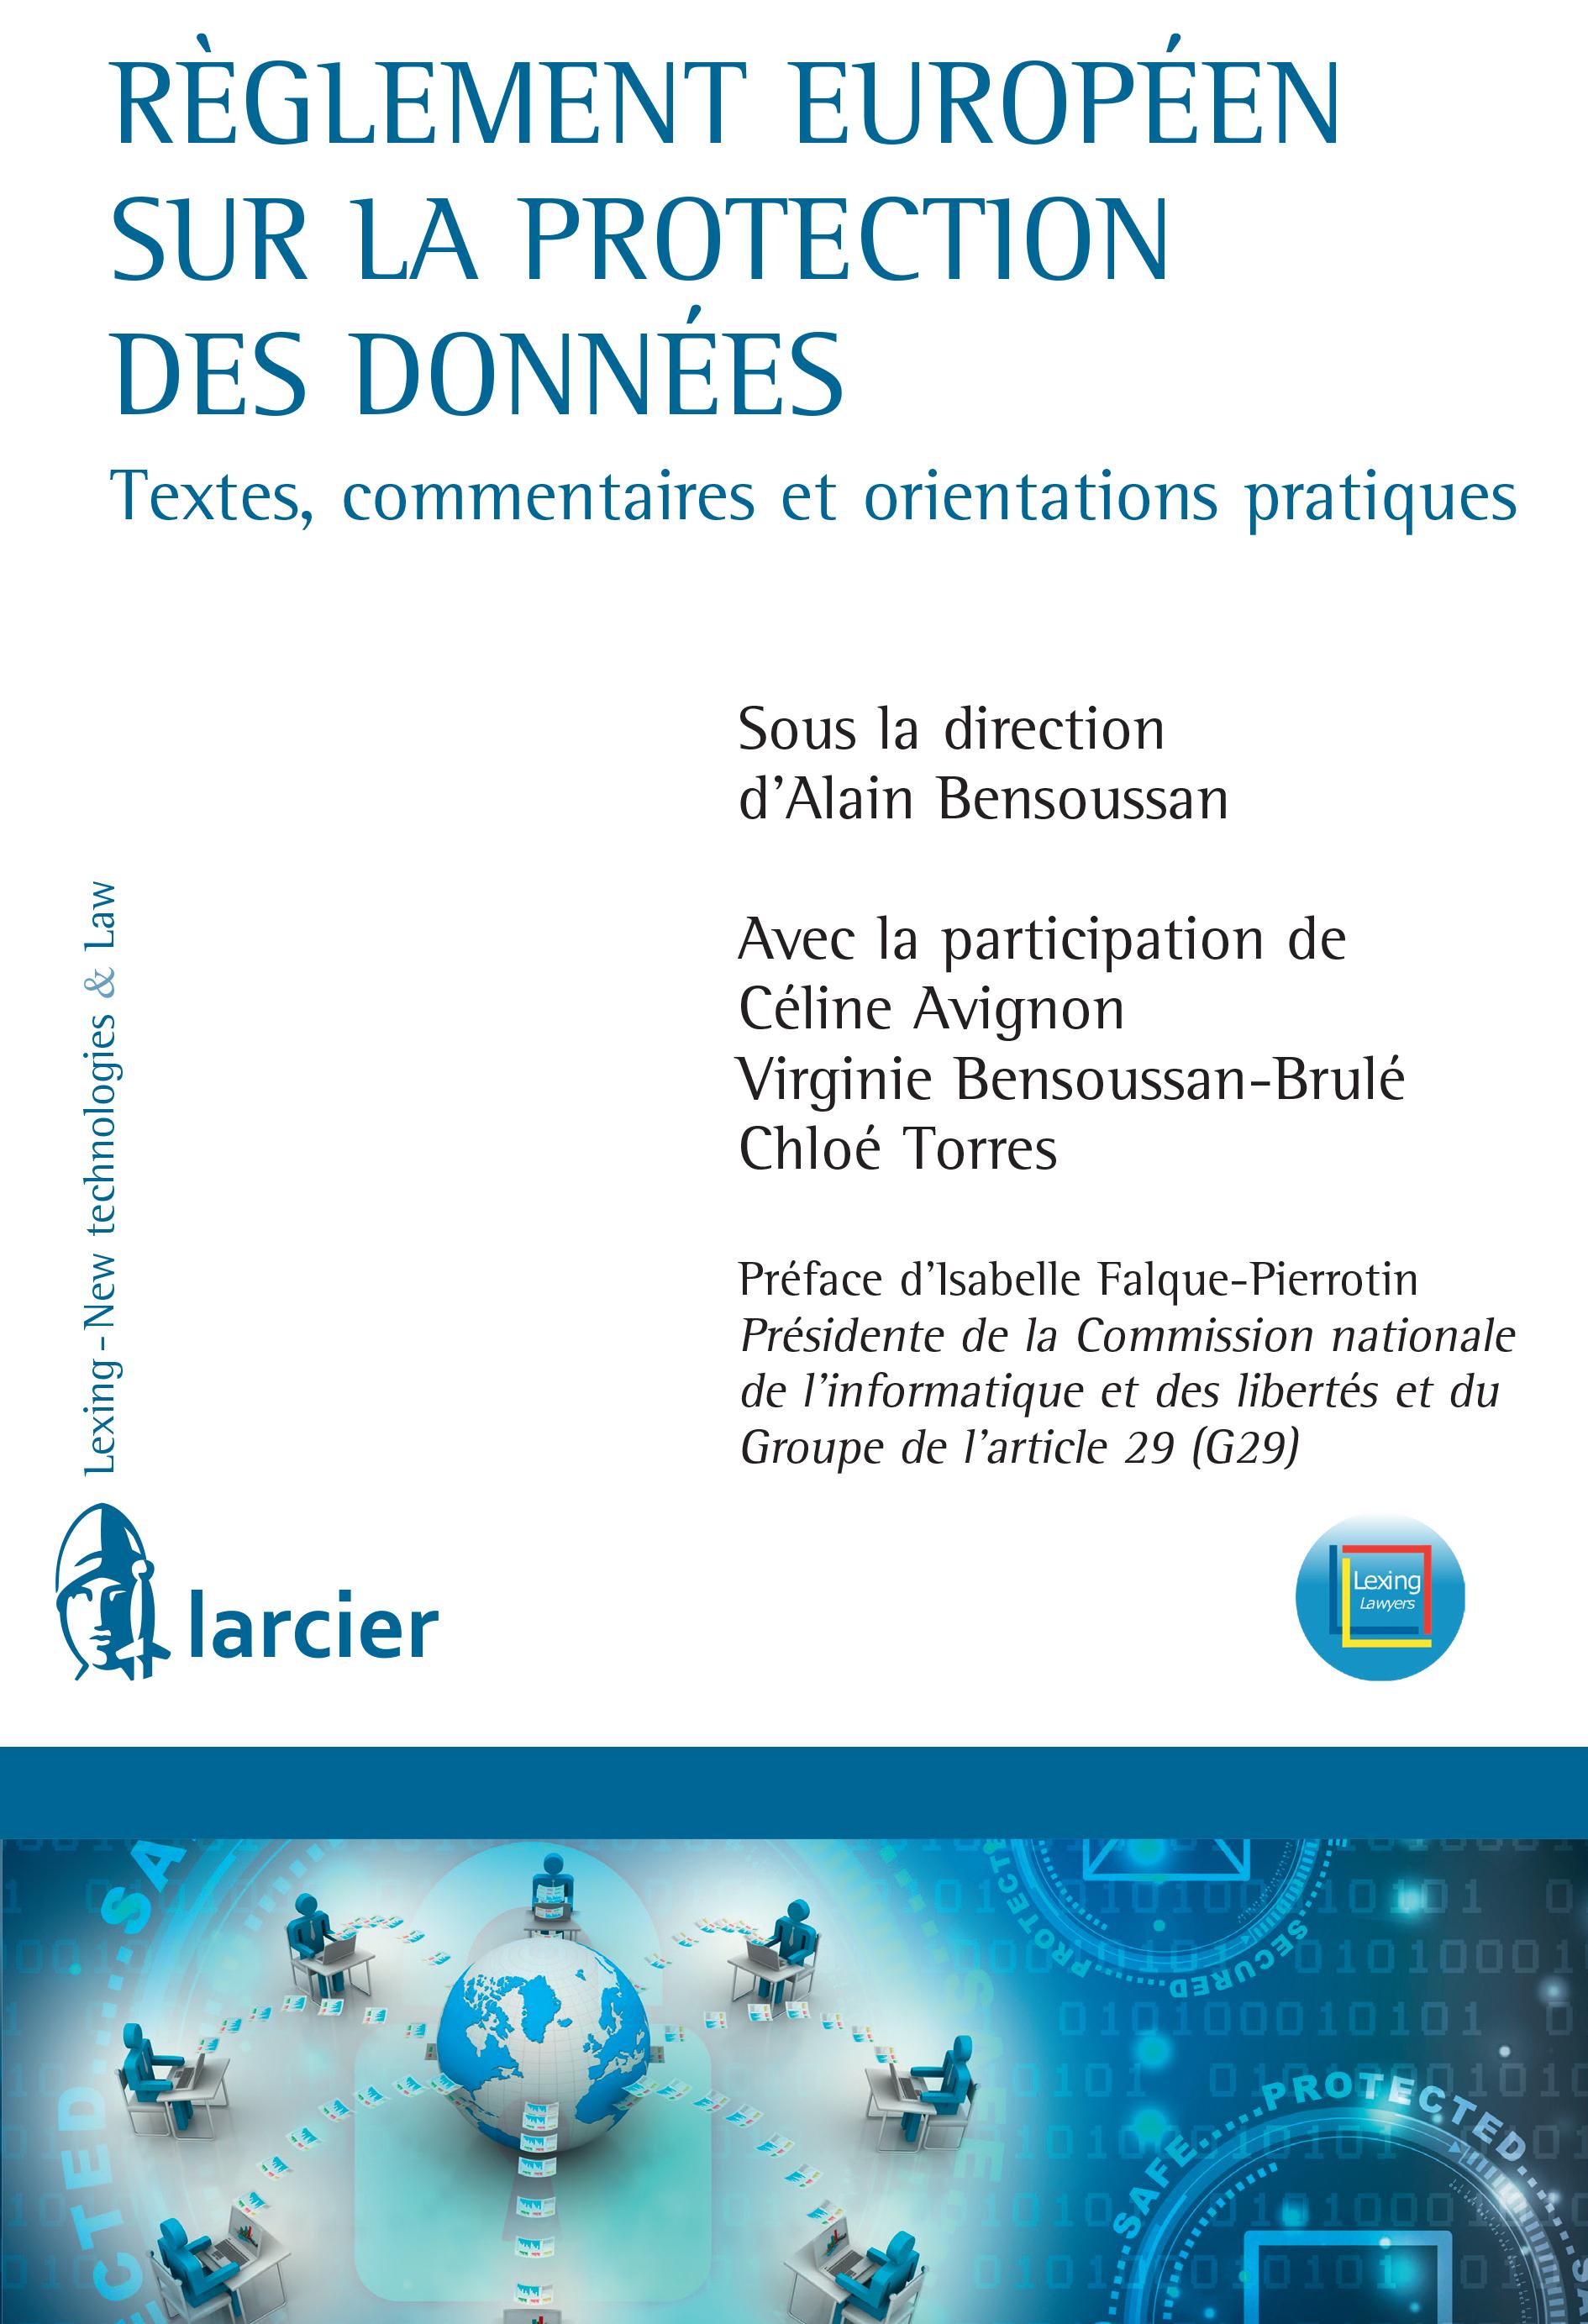 Règlement européen sur la protection des données